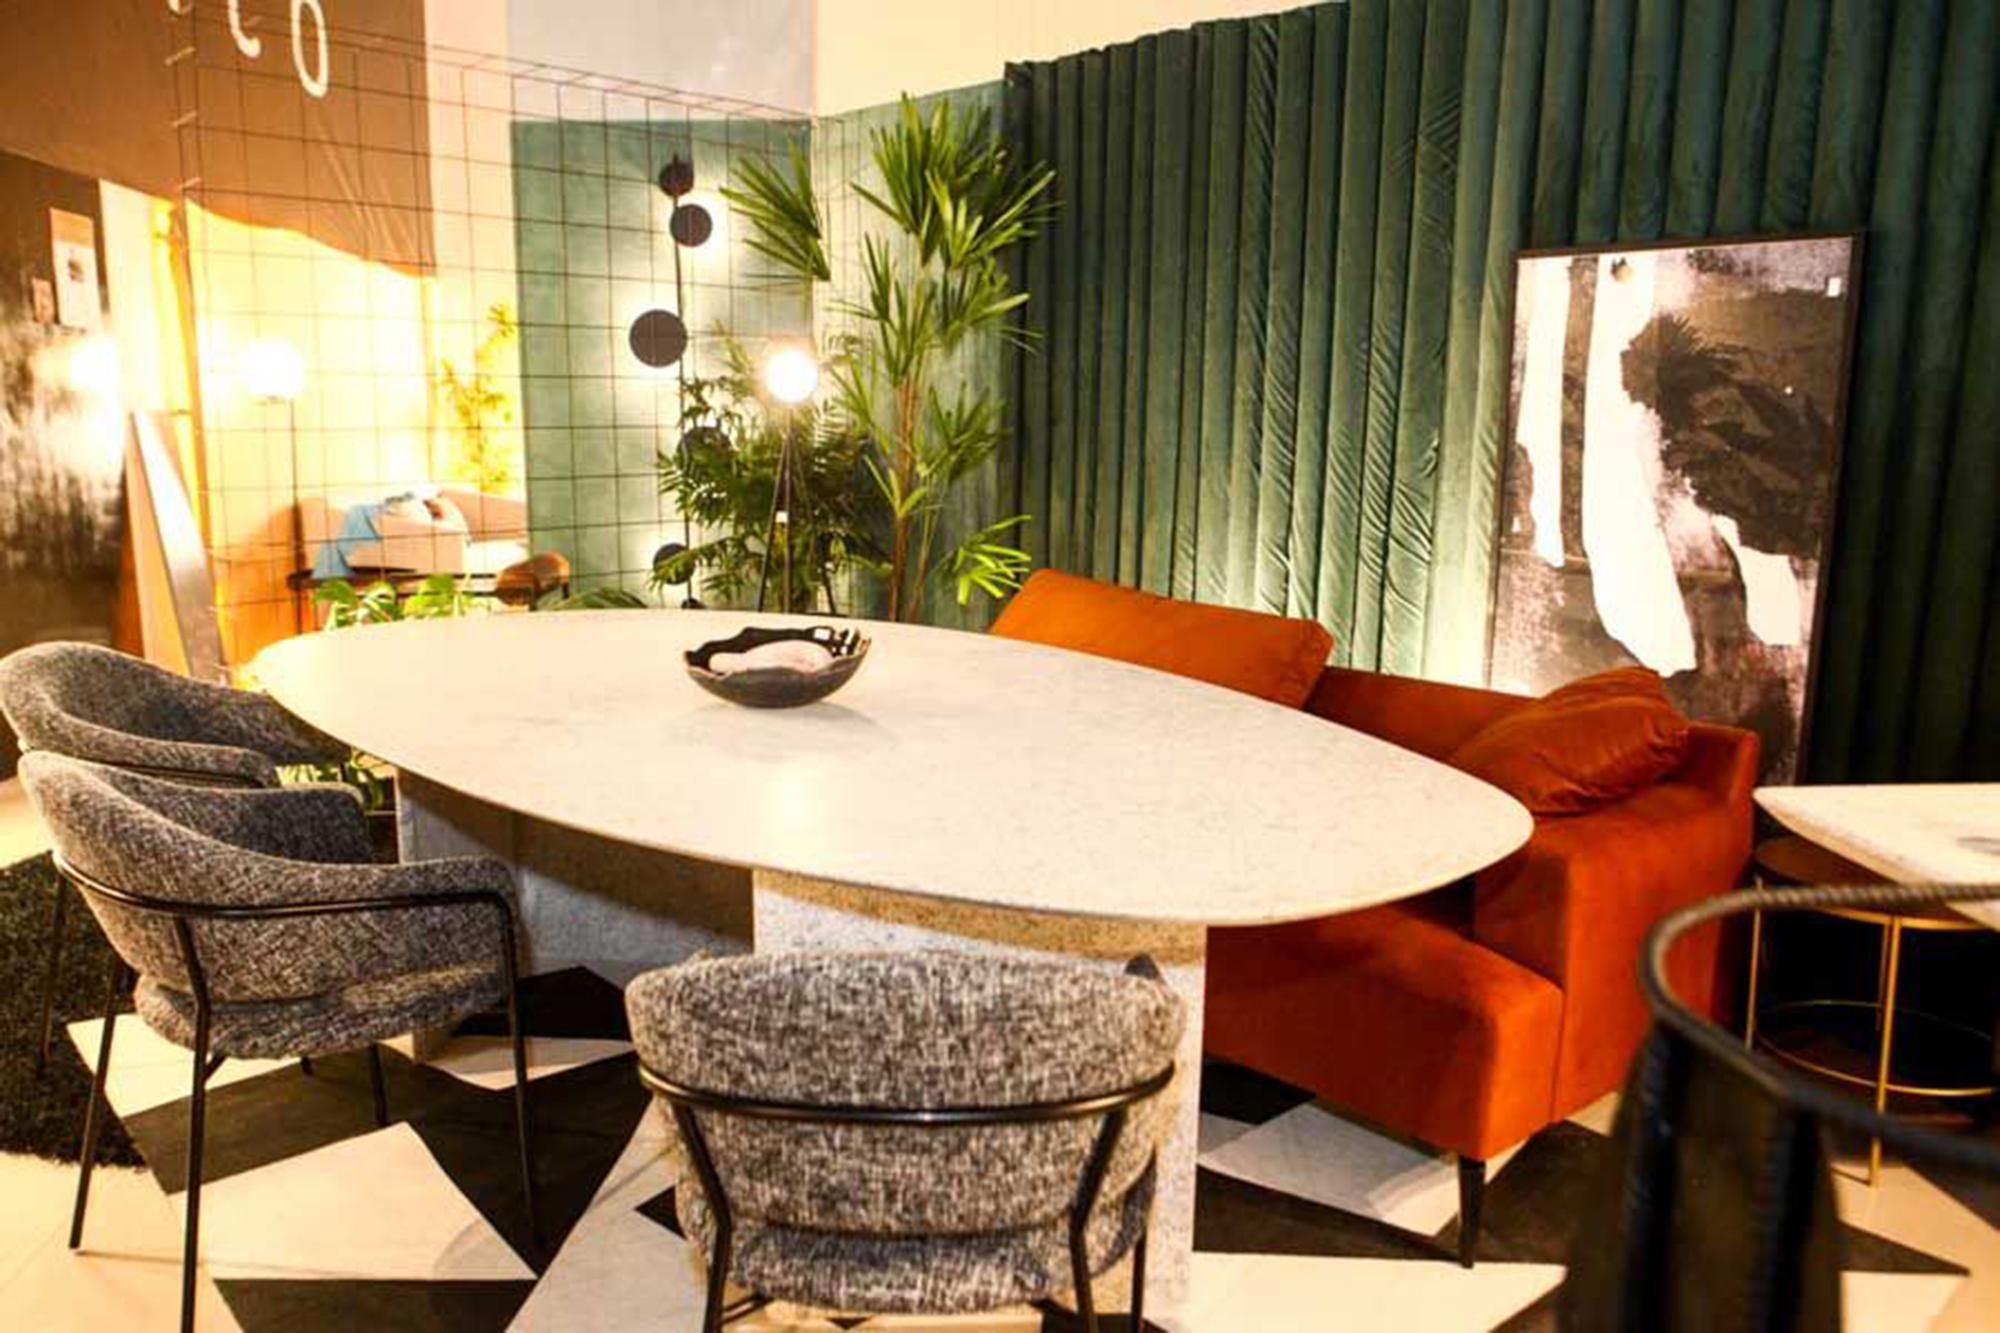 Mostra 100% Design recria e conecta ambientes com projetos de grandes nomes da arquitetura cearense